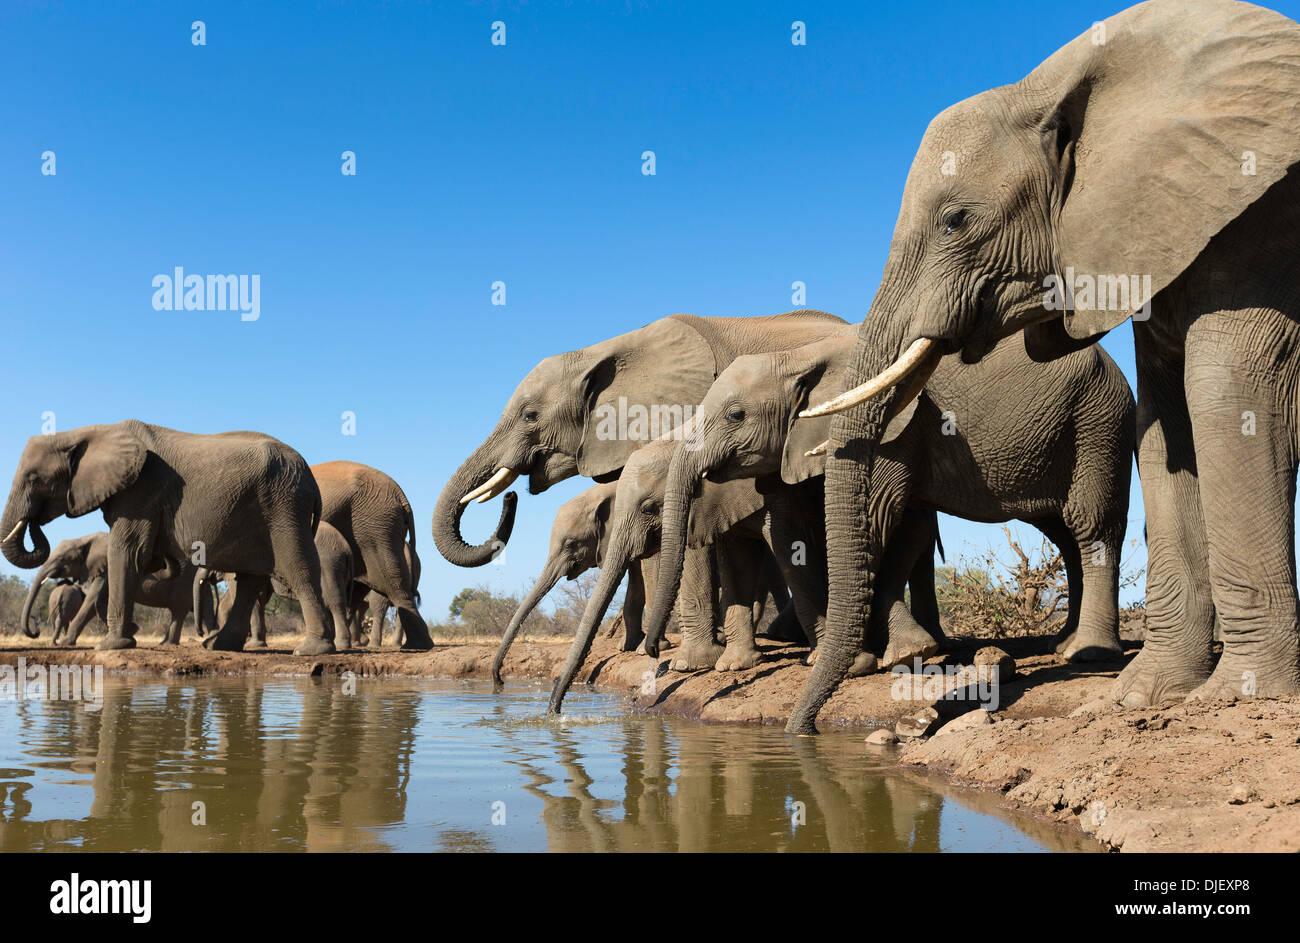 Elefante africano (Loxodonta africana) piccolo gruppo di elefanti di bere a waterhole in Riserva di Mashatu.Botswana Immagini Stock